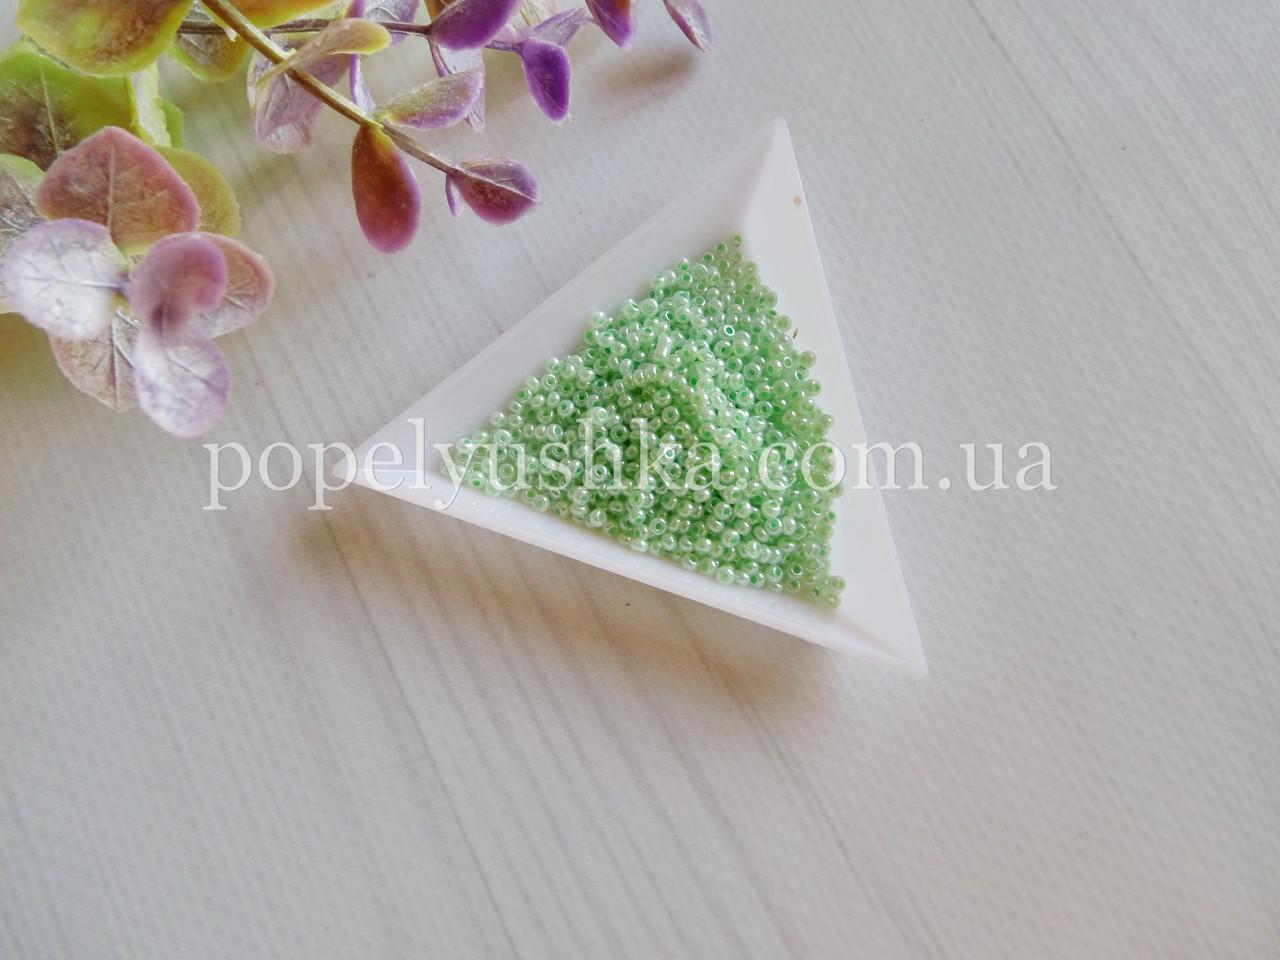 Бисер чешский Оливково-Зеленый (прозрачный) (10 г)